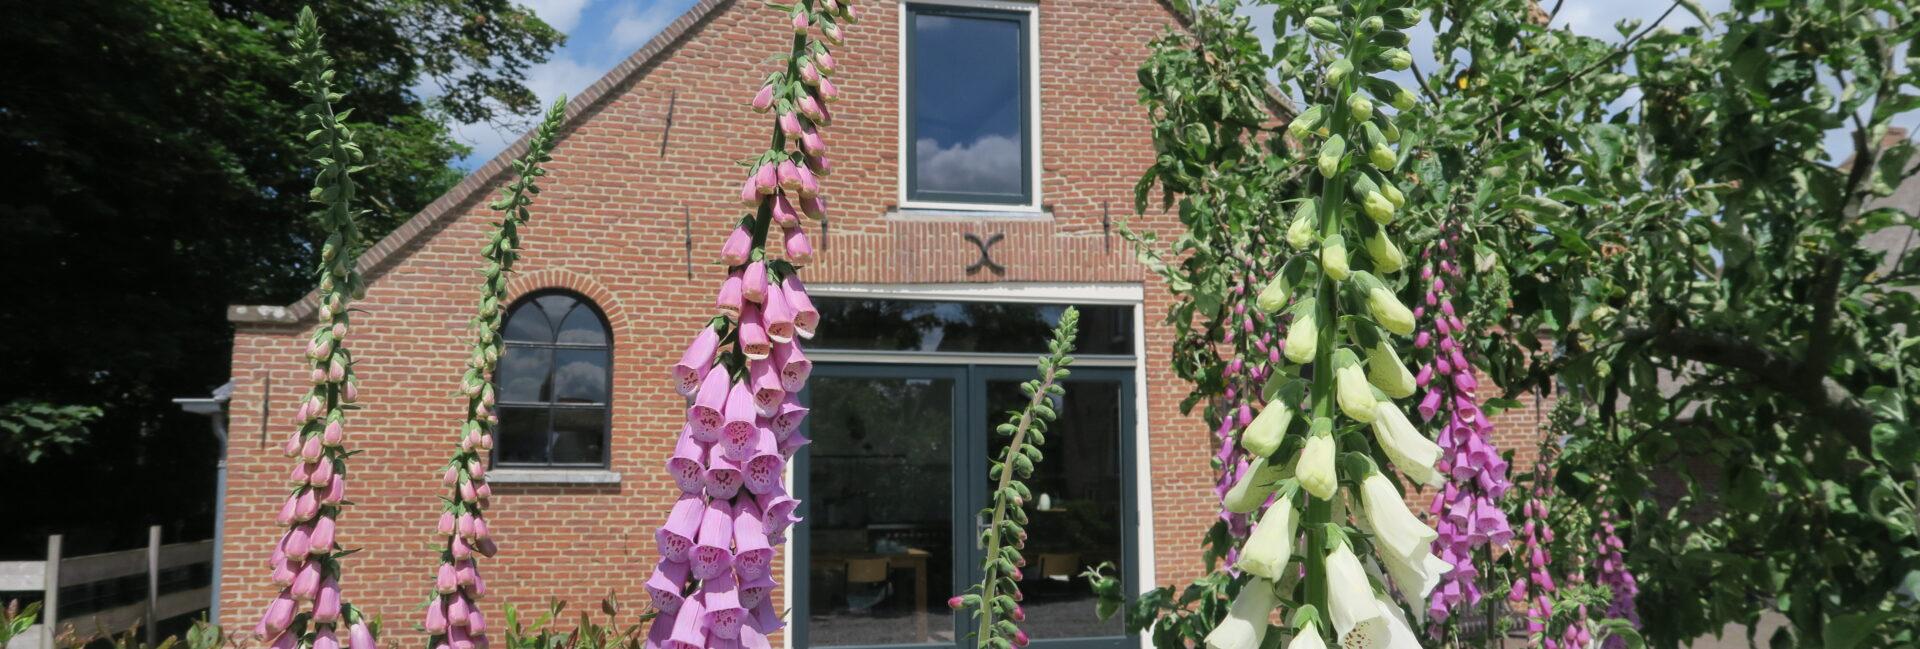 vergaderen tussen het groen Hendrikshoeve Loosdrecht